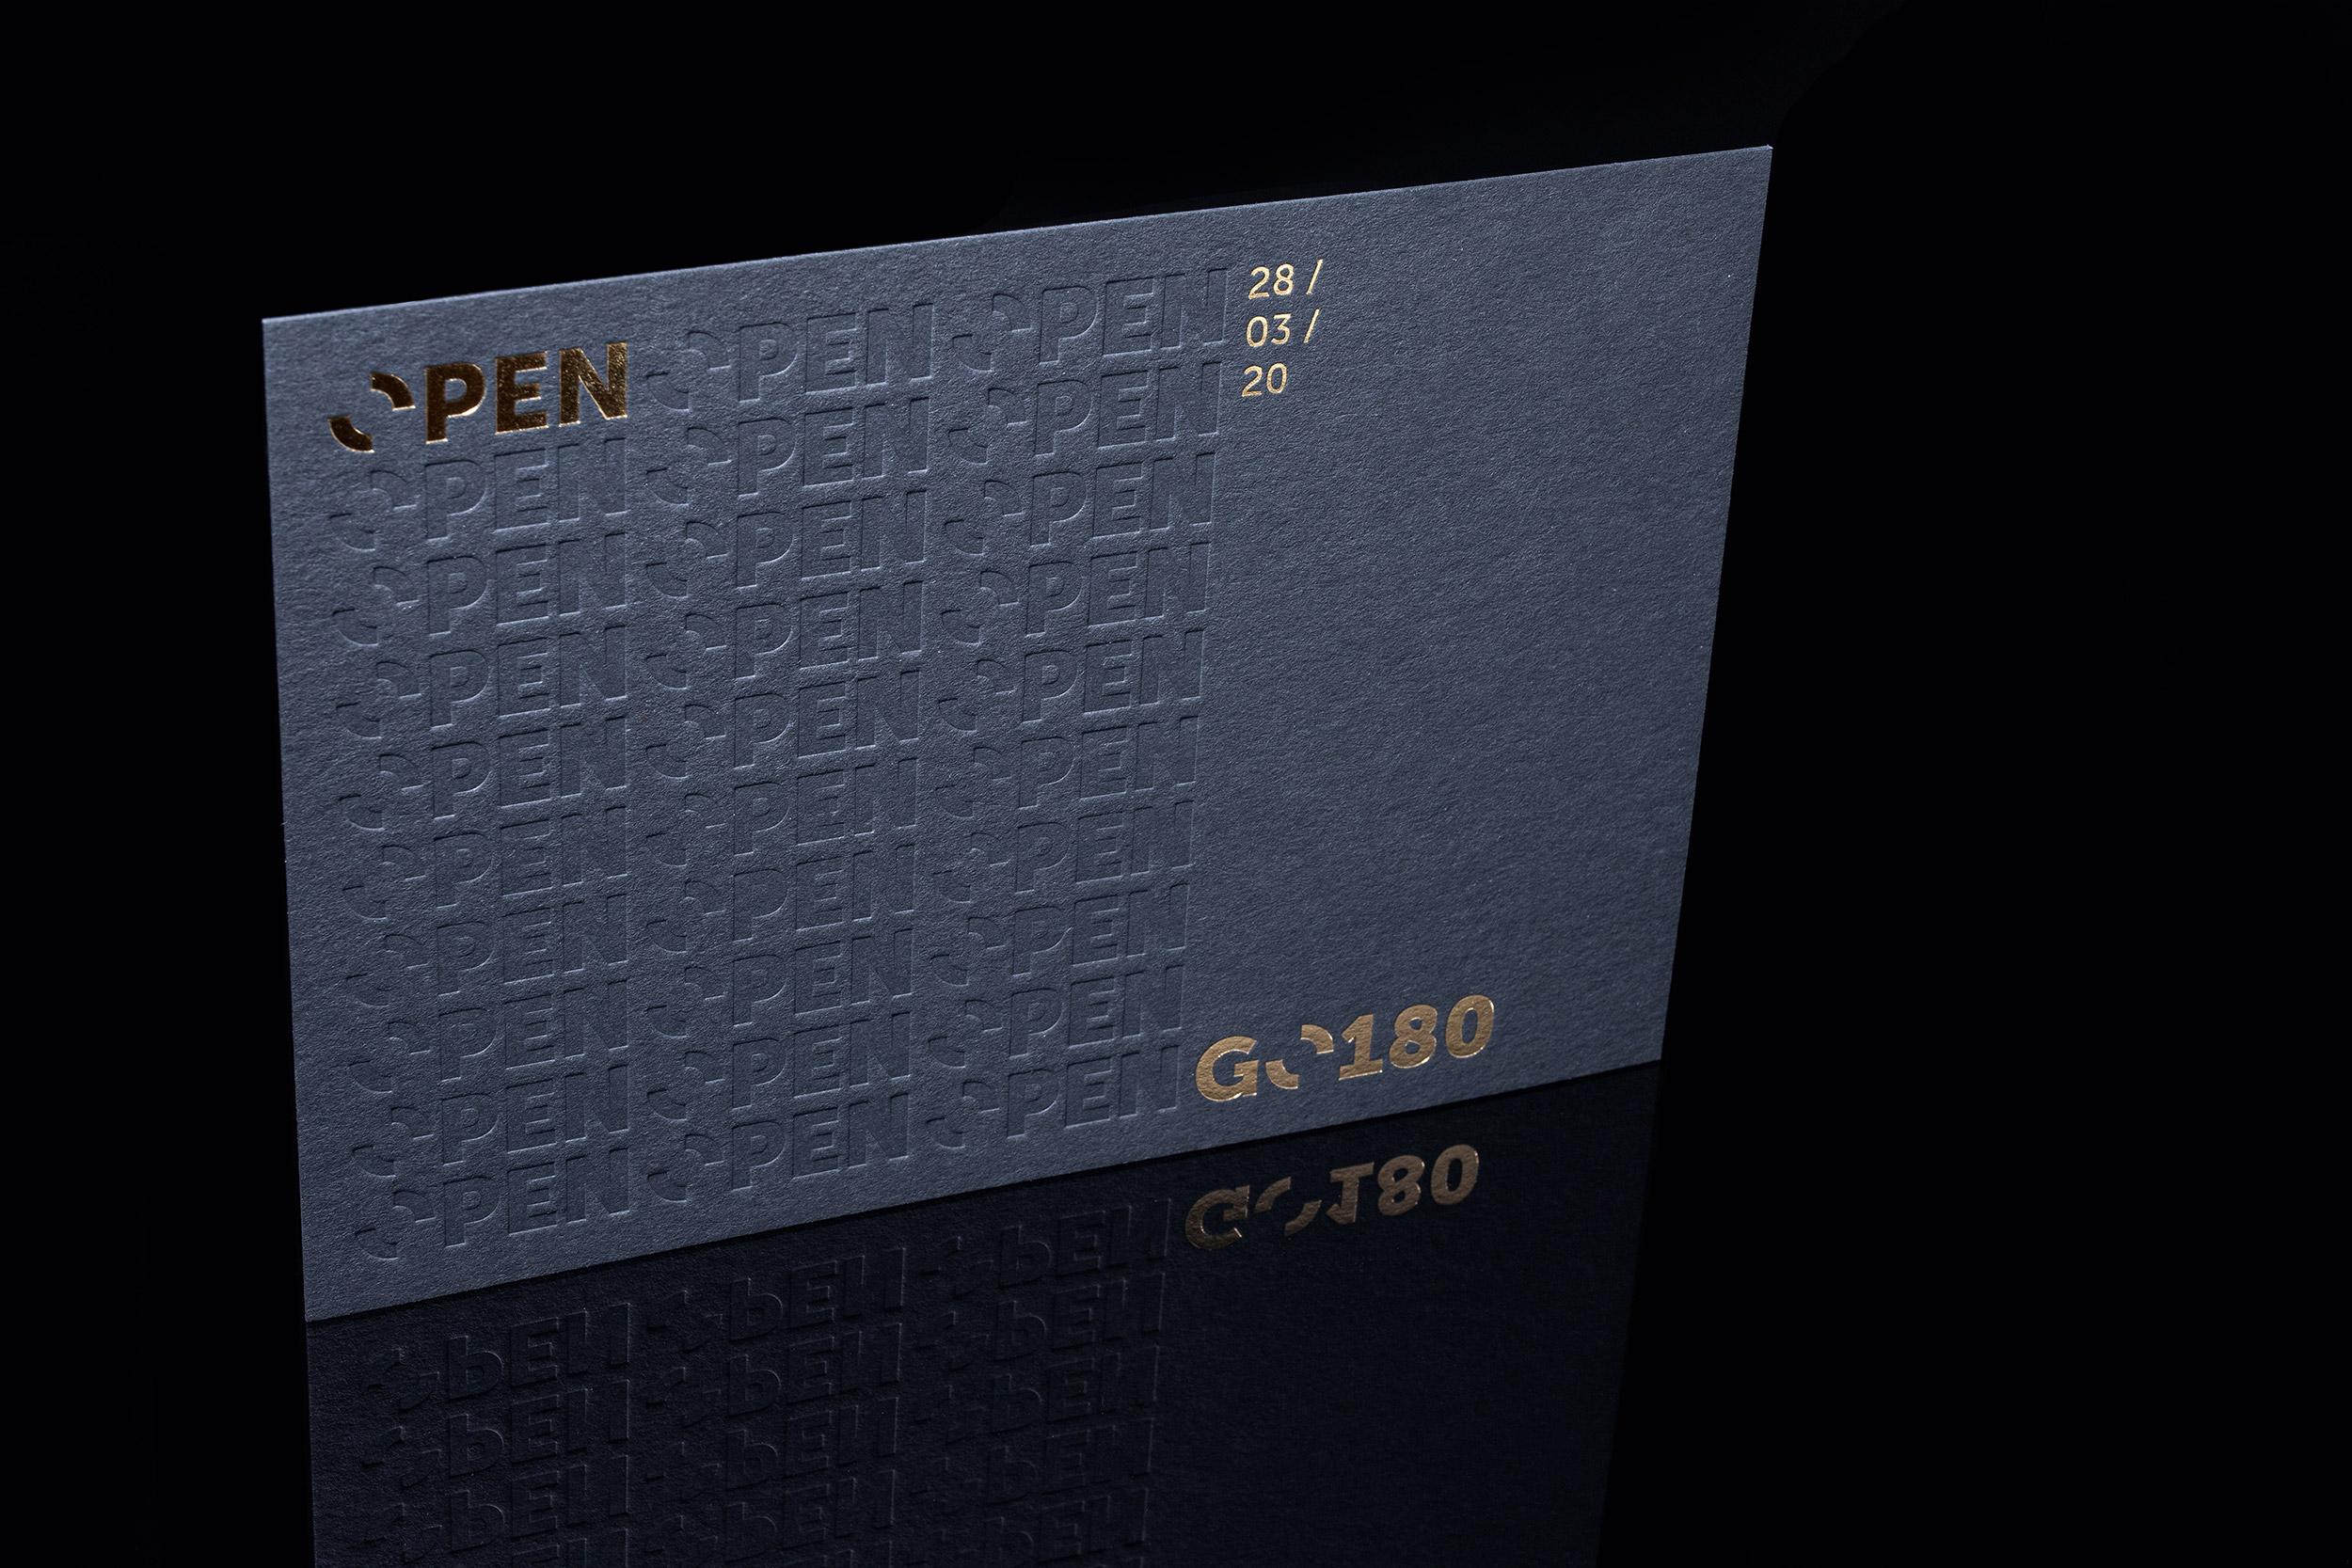 GO180 is open